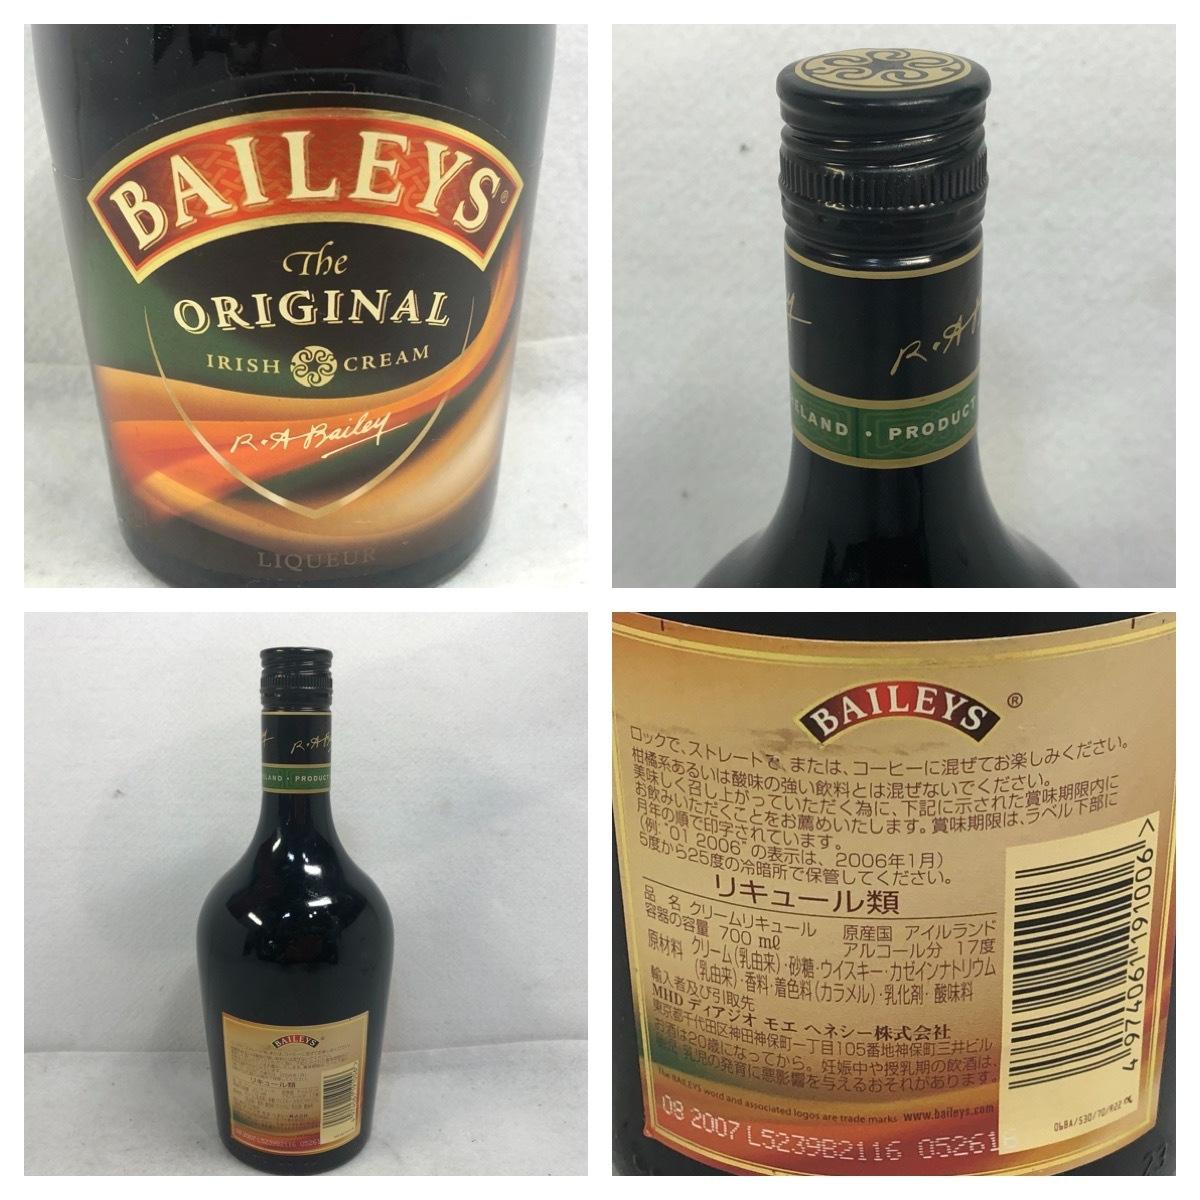 【未成年の飲酒は法律で禁じられています】ベイリーズ オリジナル 700ml17度 アイリッシュクリームリキュール2007年製旧ボトル_画像2